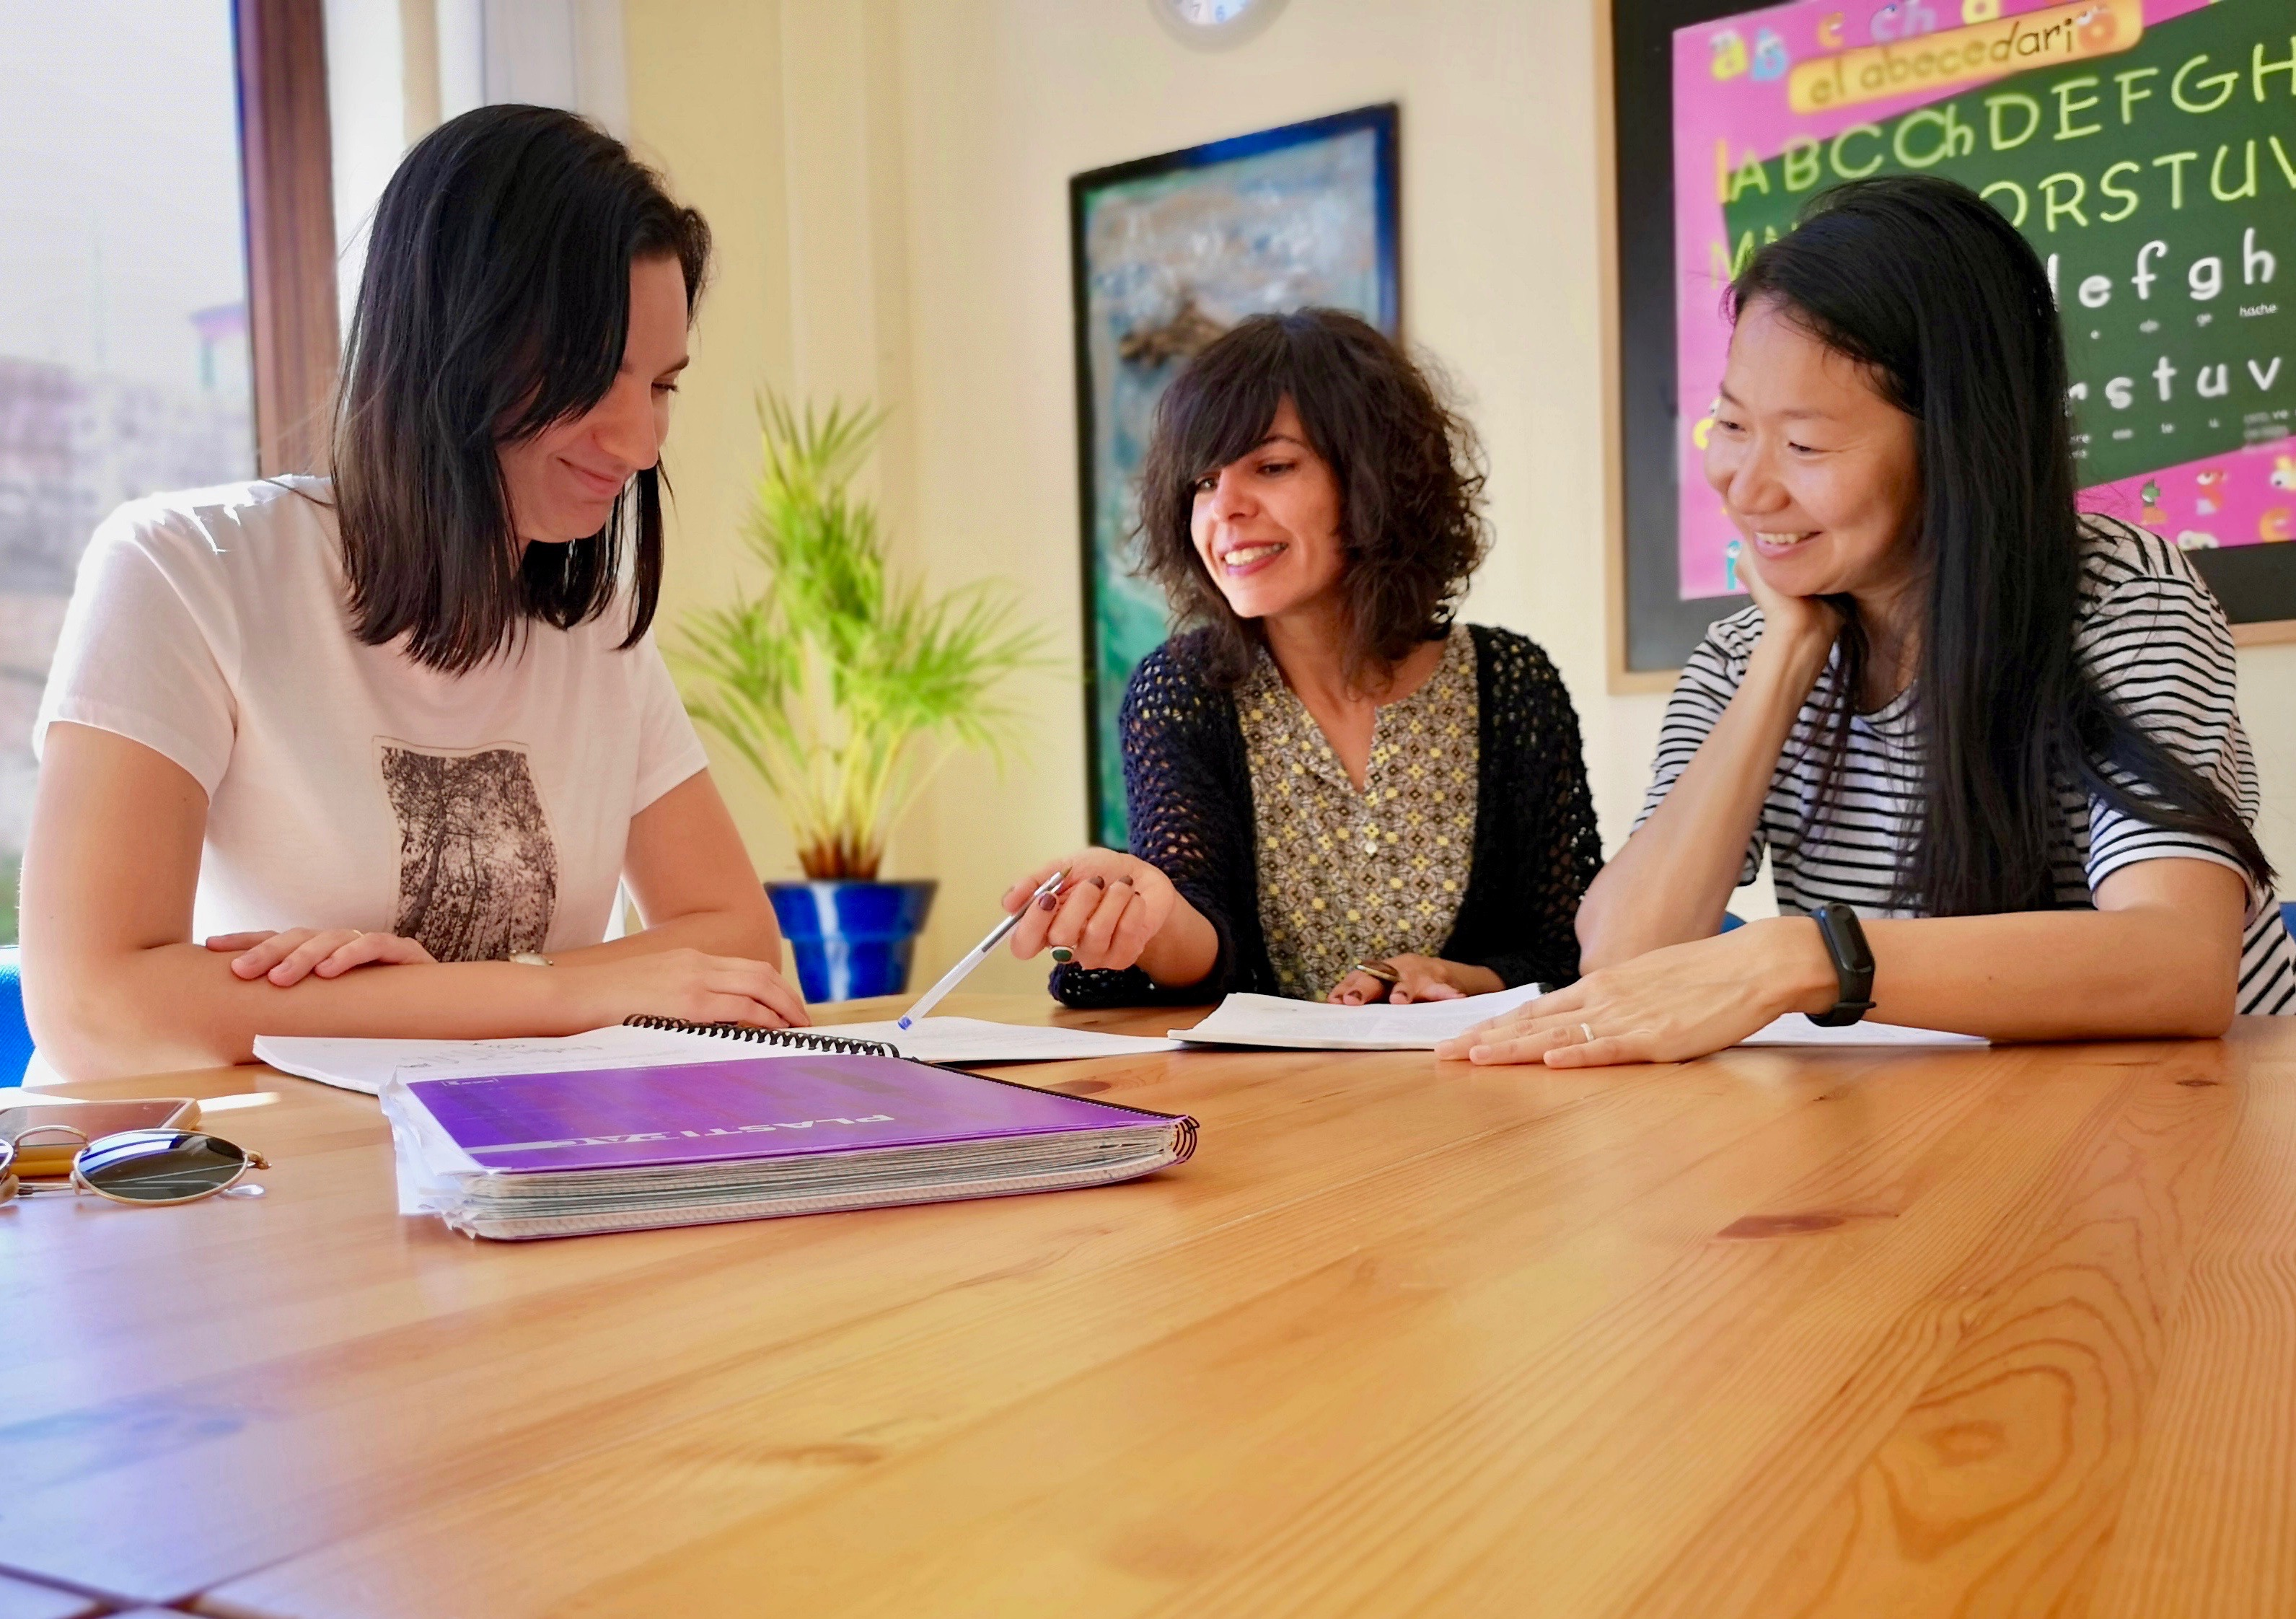 Una profesora de idiomas explicando gramática a sus dos alumnos en un aula luminoso.